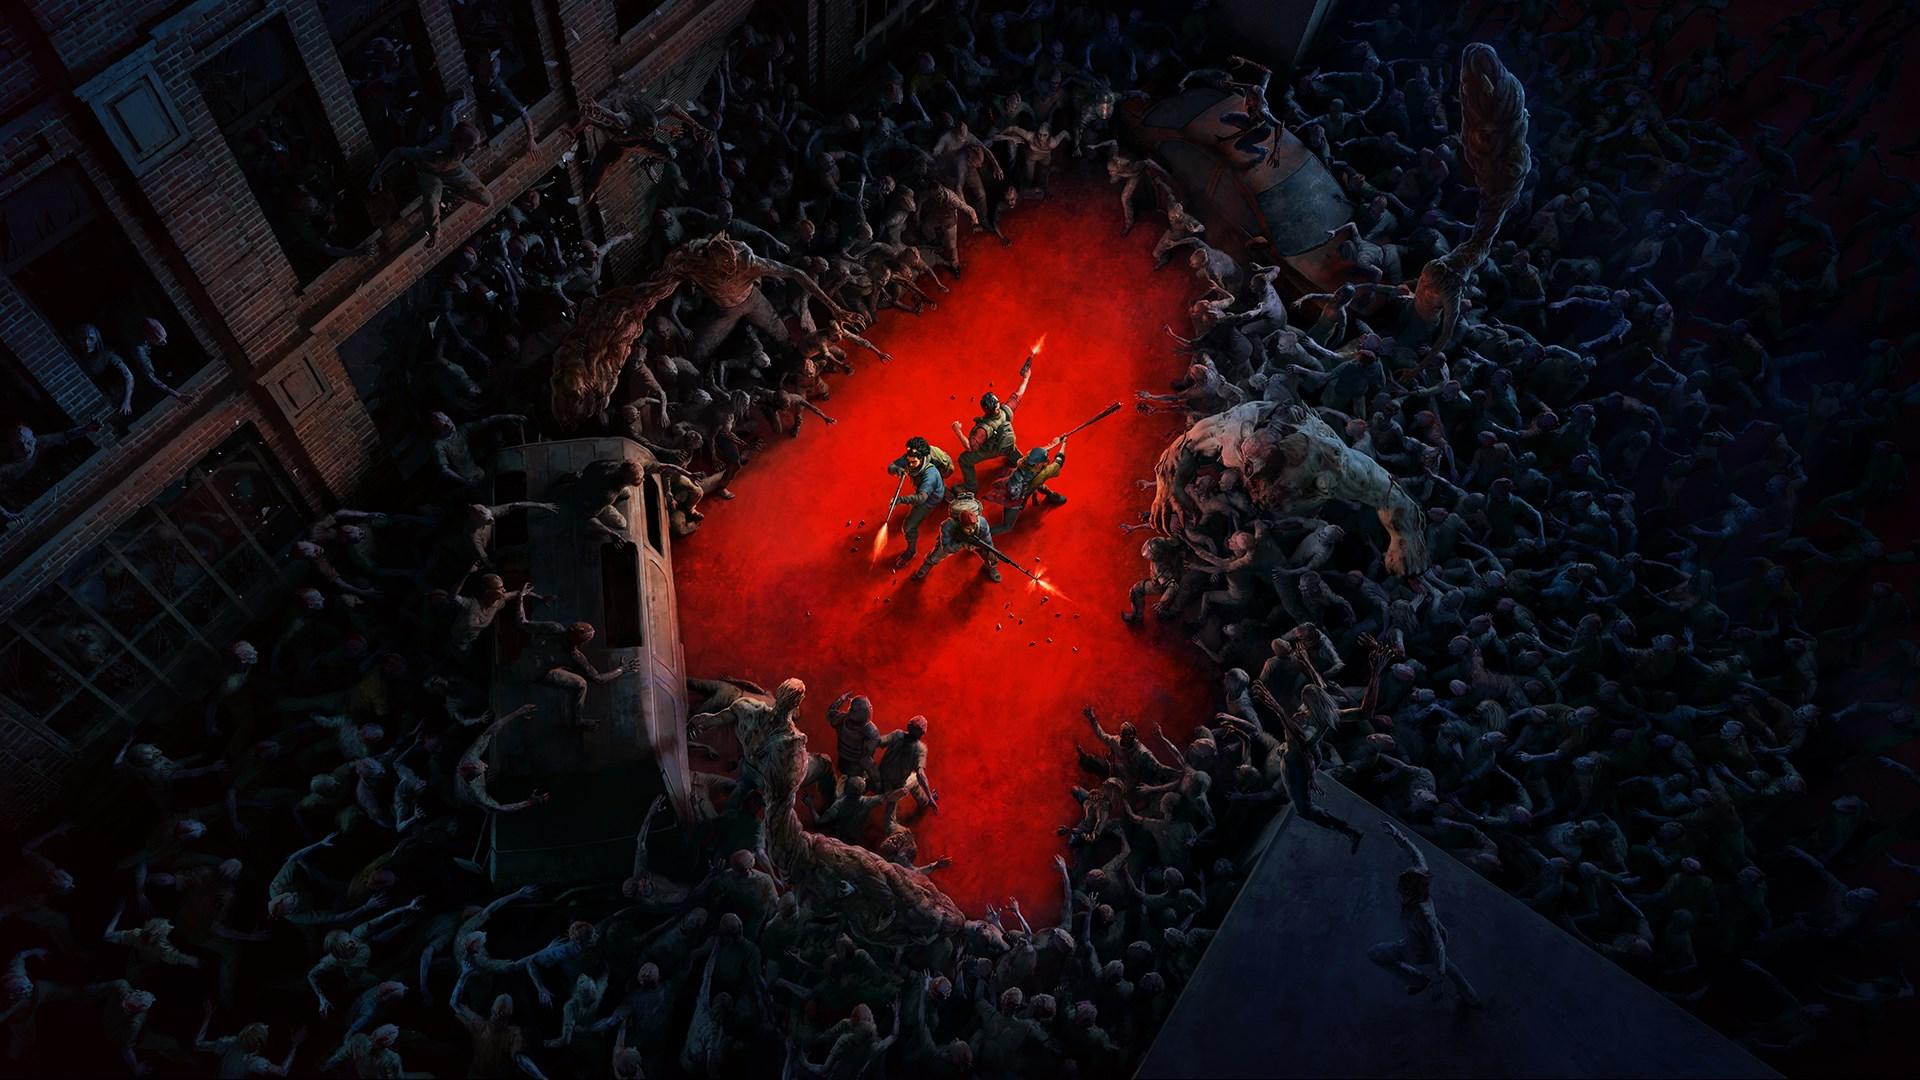 back 4 blood hd wallpaper 73185